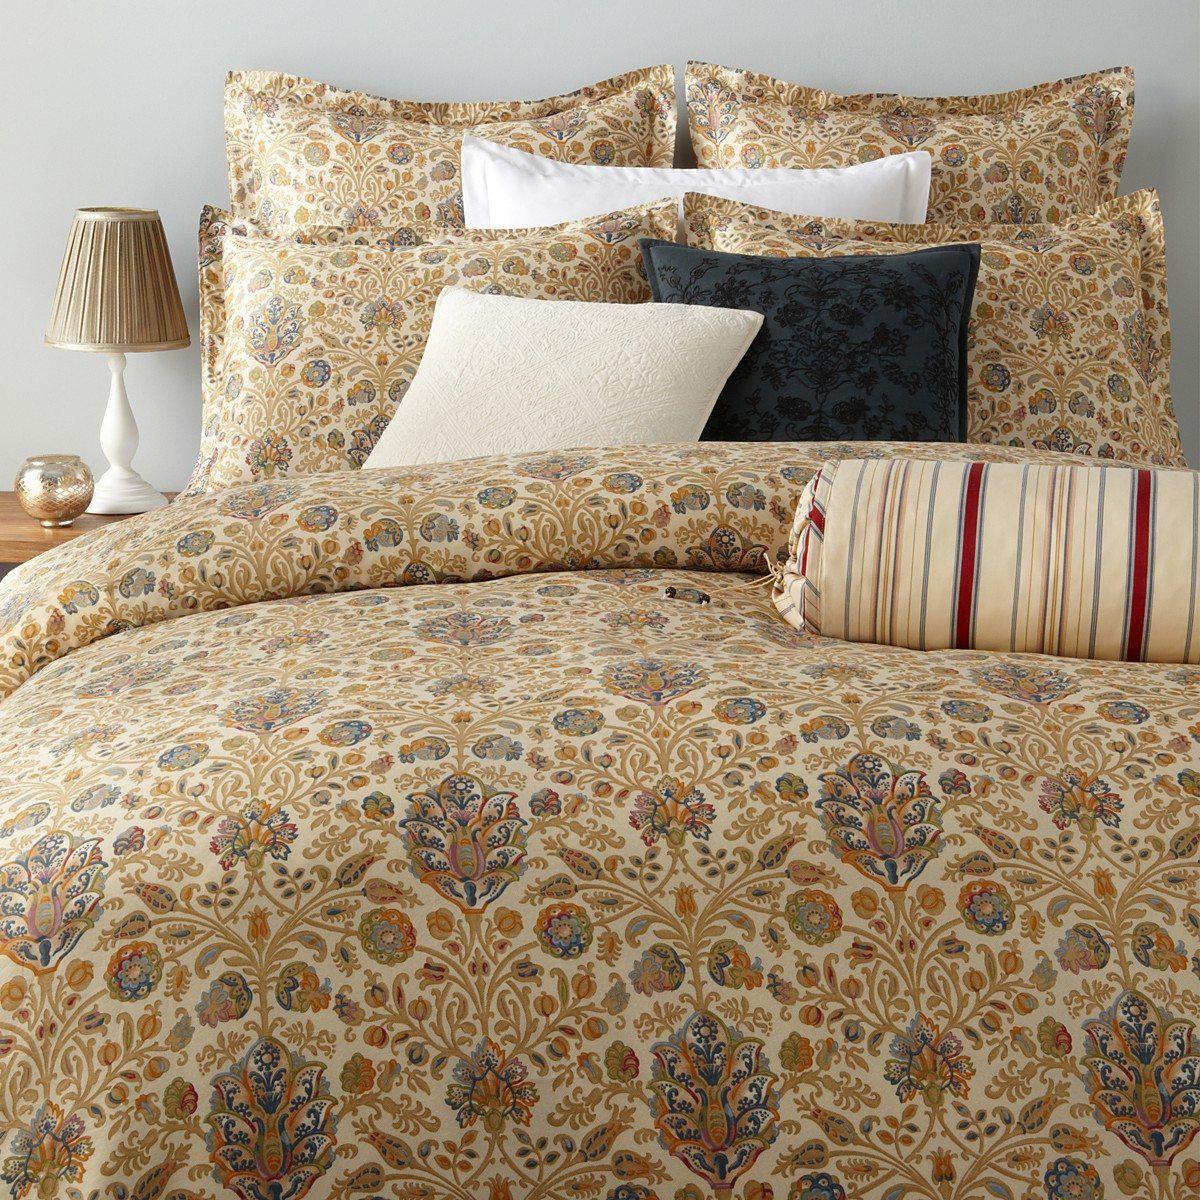 Appealing Ralph Lauren Comforter Set For Bedroom Decoration Ideas Cream Marrakesh Ralph Lauren